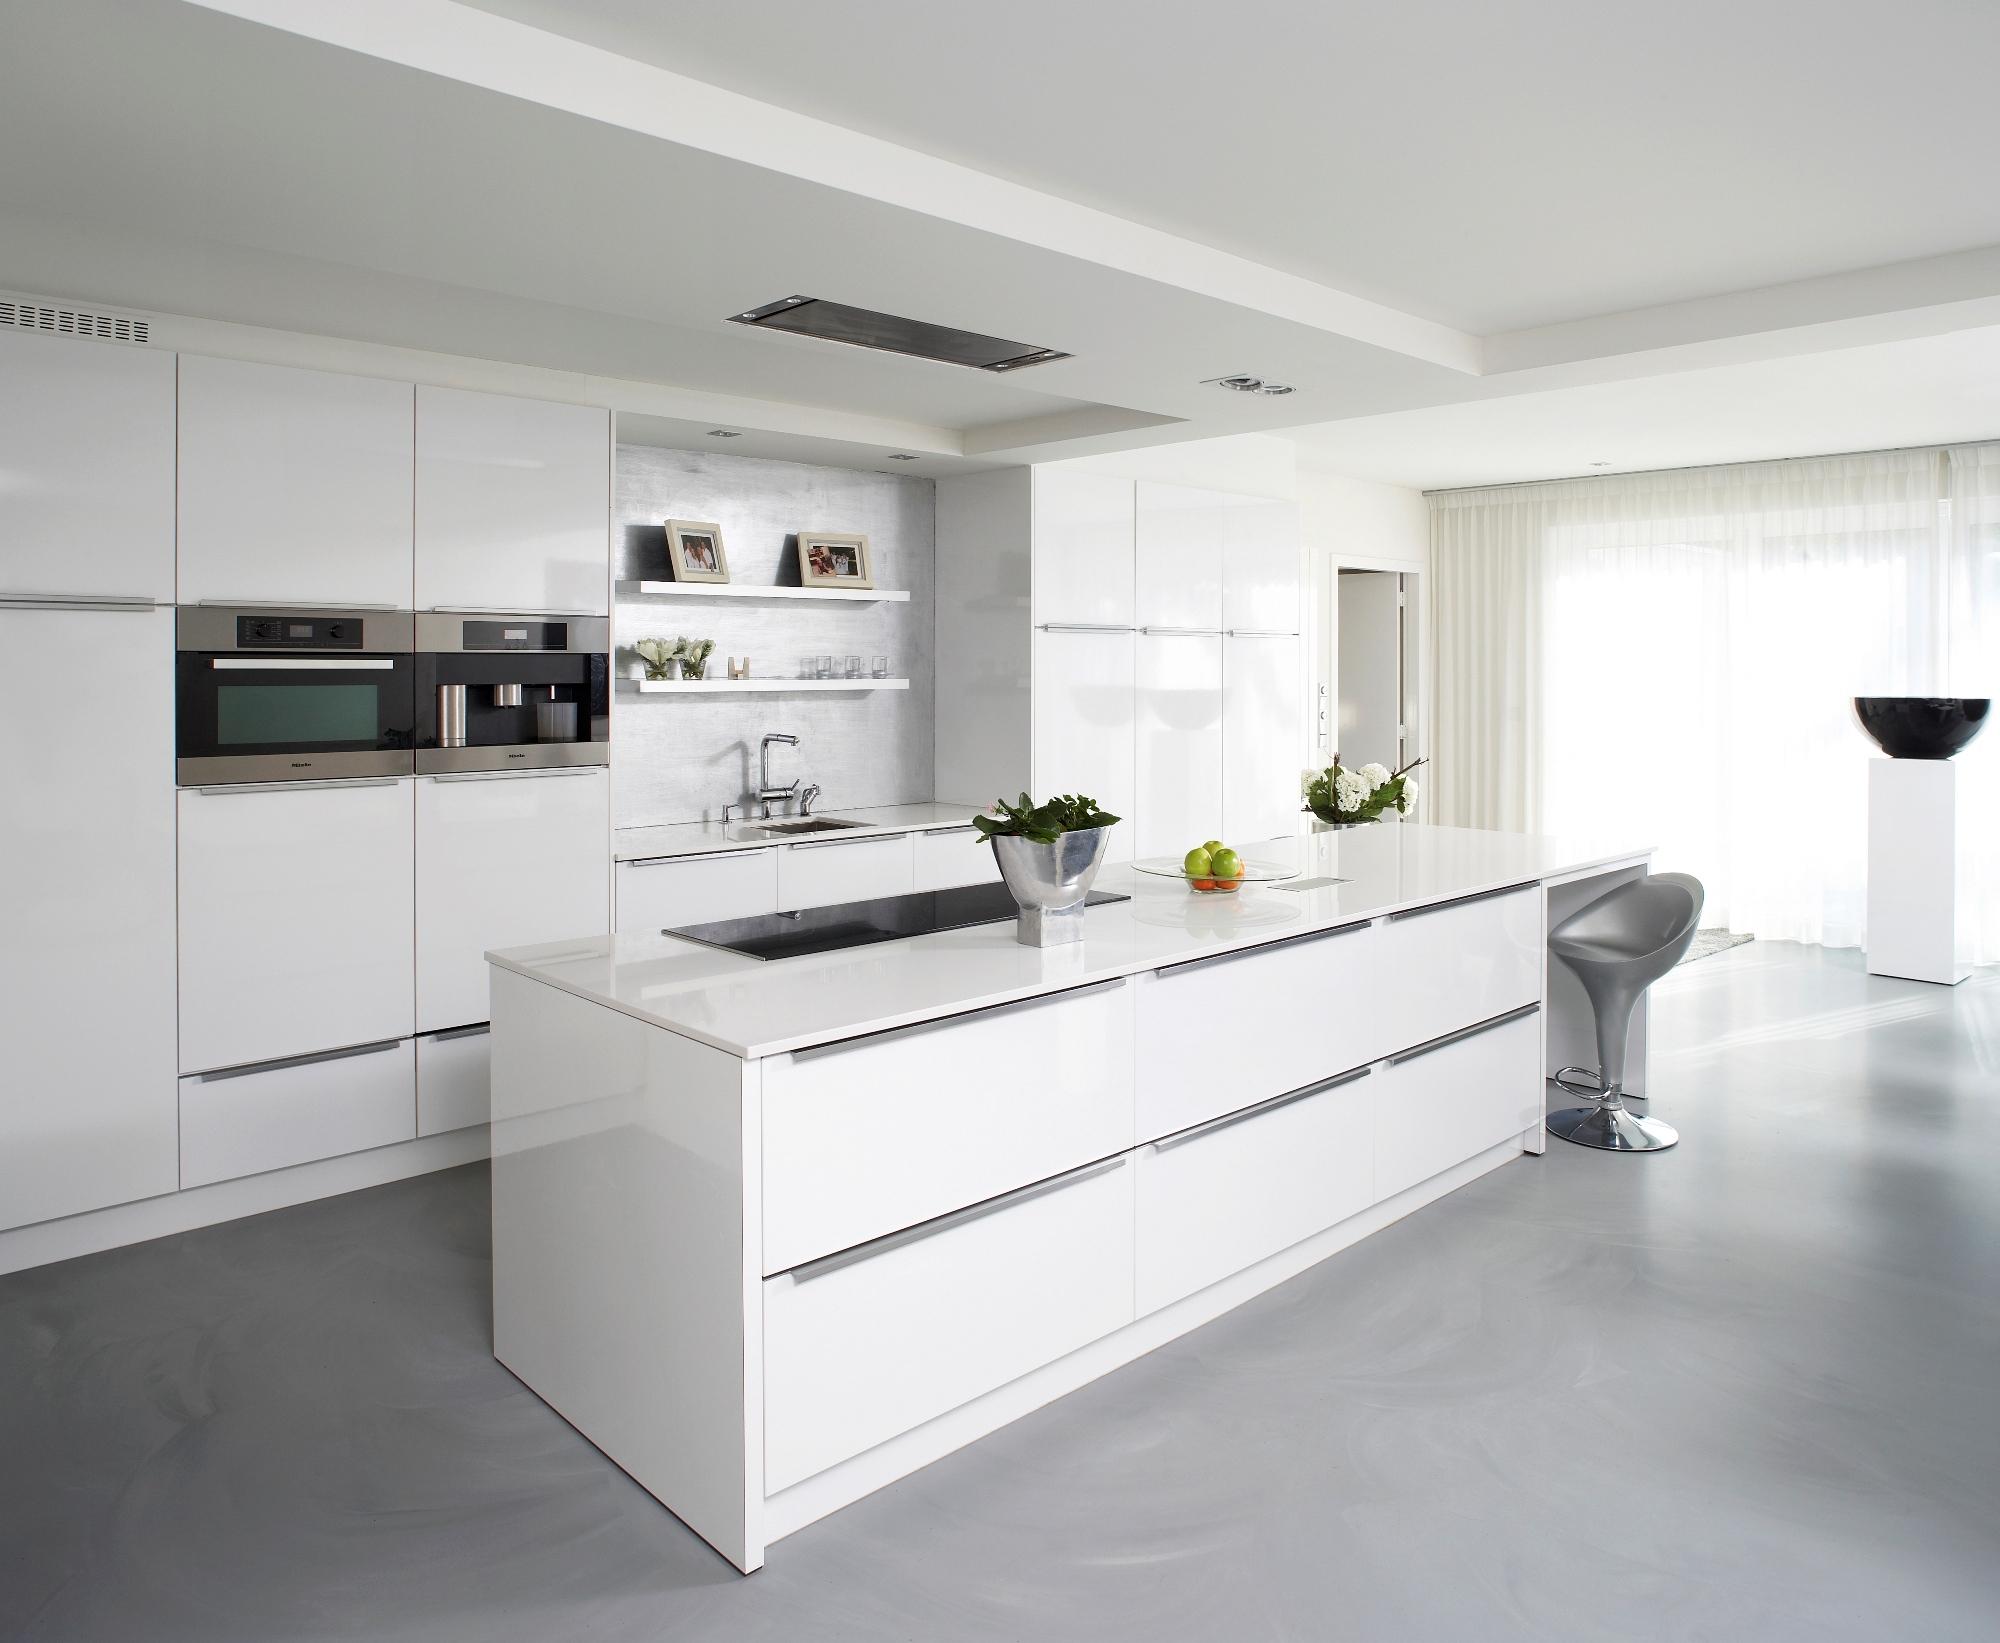 Realisaties keukens elst keukens - Keuken op het platteland ...